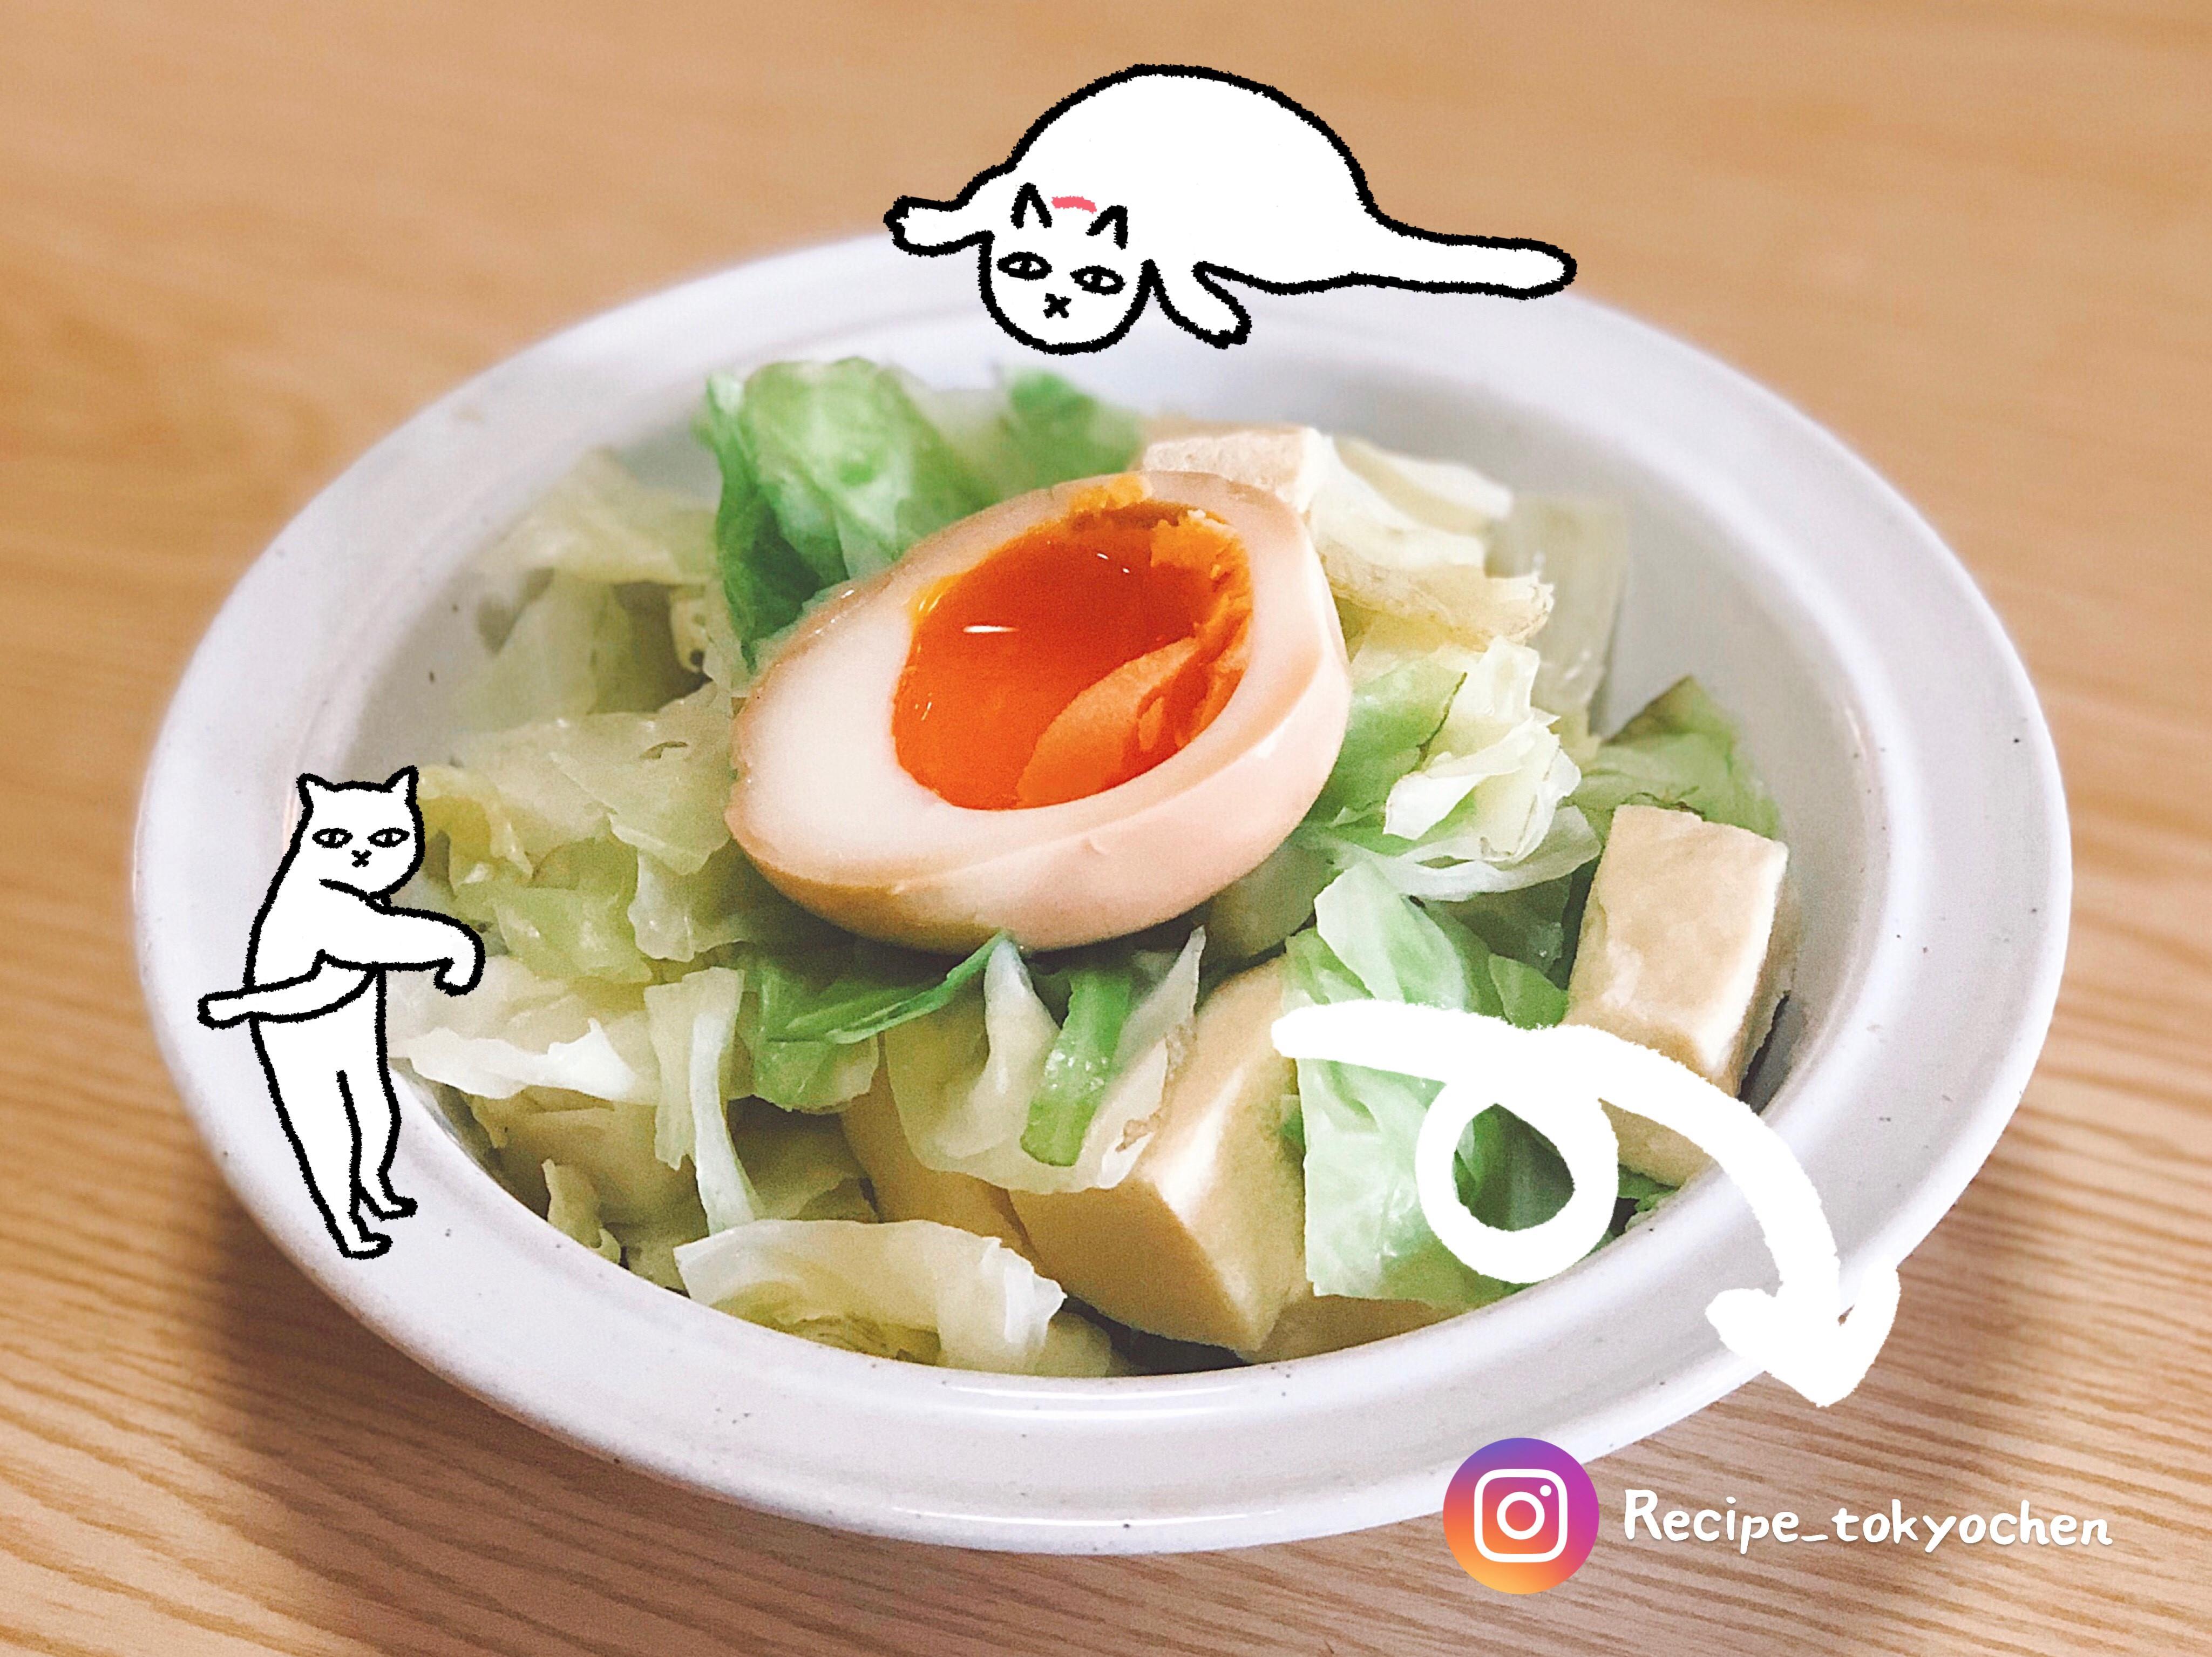 零失敗溏心蛋,日本拉麵必備味付け卵